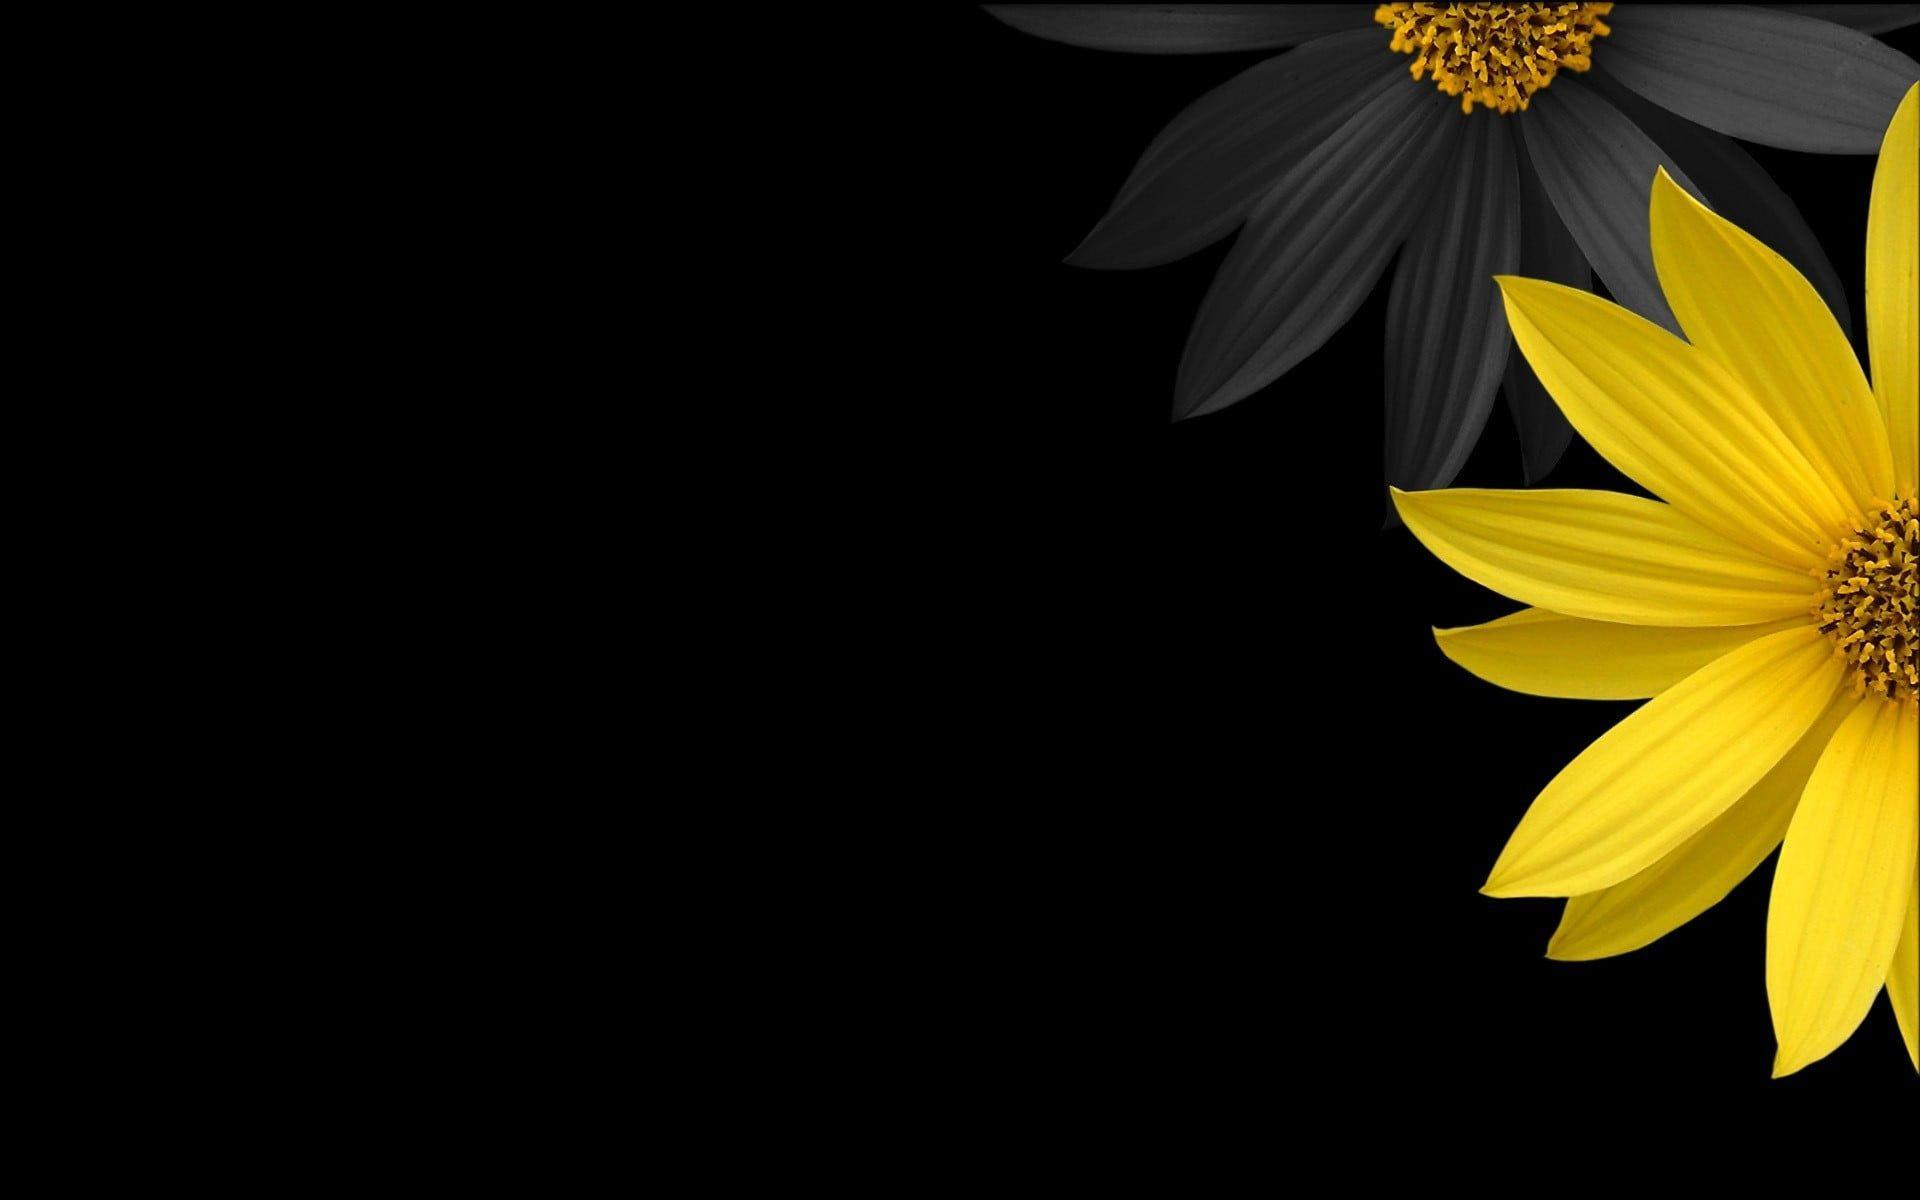 Yellow Sunflower With Black Background Flowers Yellow Flowers Black Background Di Papel De Parede Com Fundo Preto Papel De Parede Flores Papel De Parede Preto